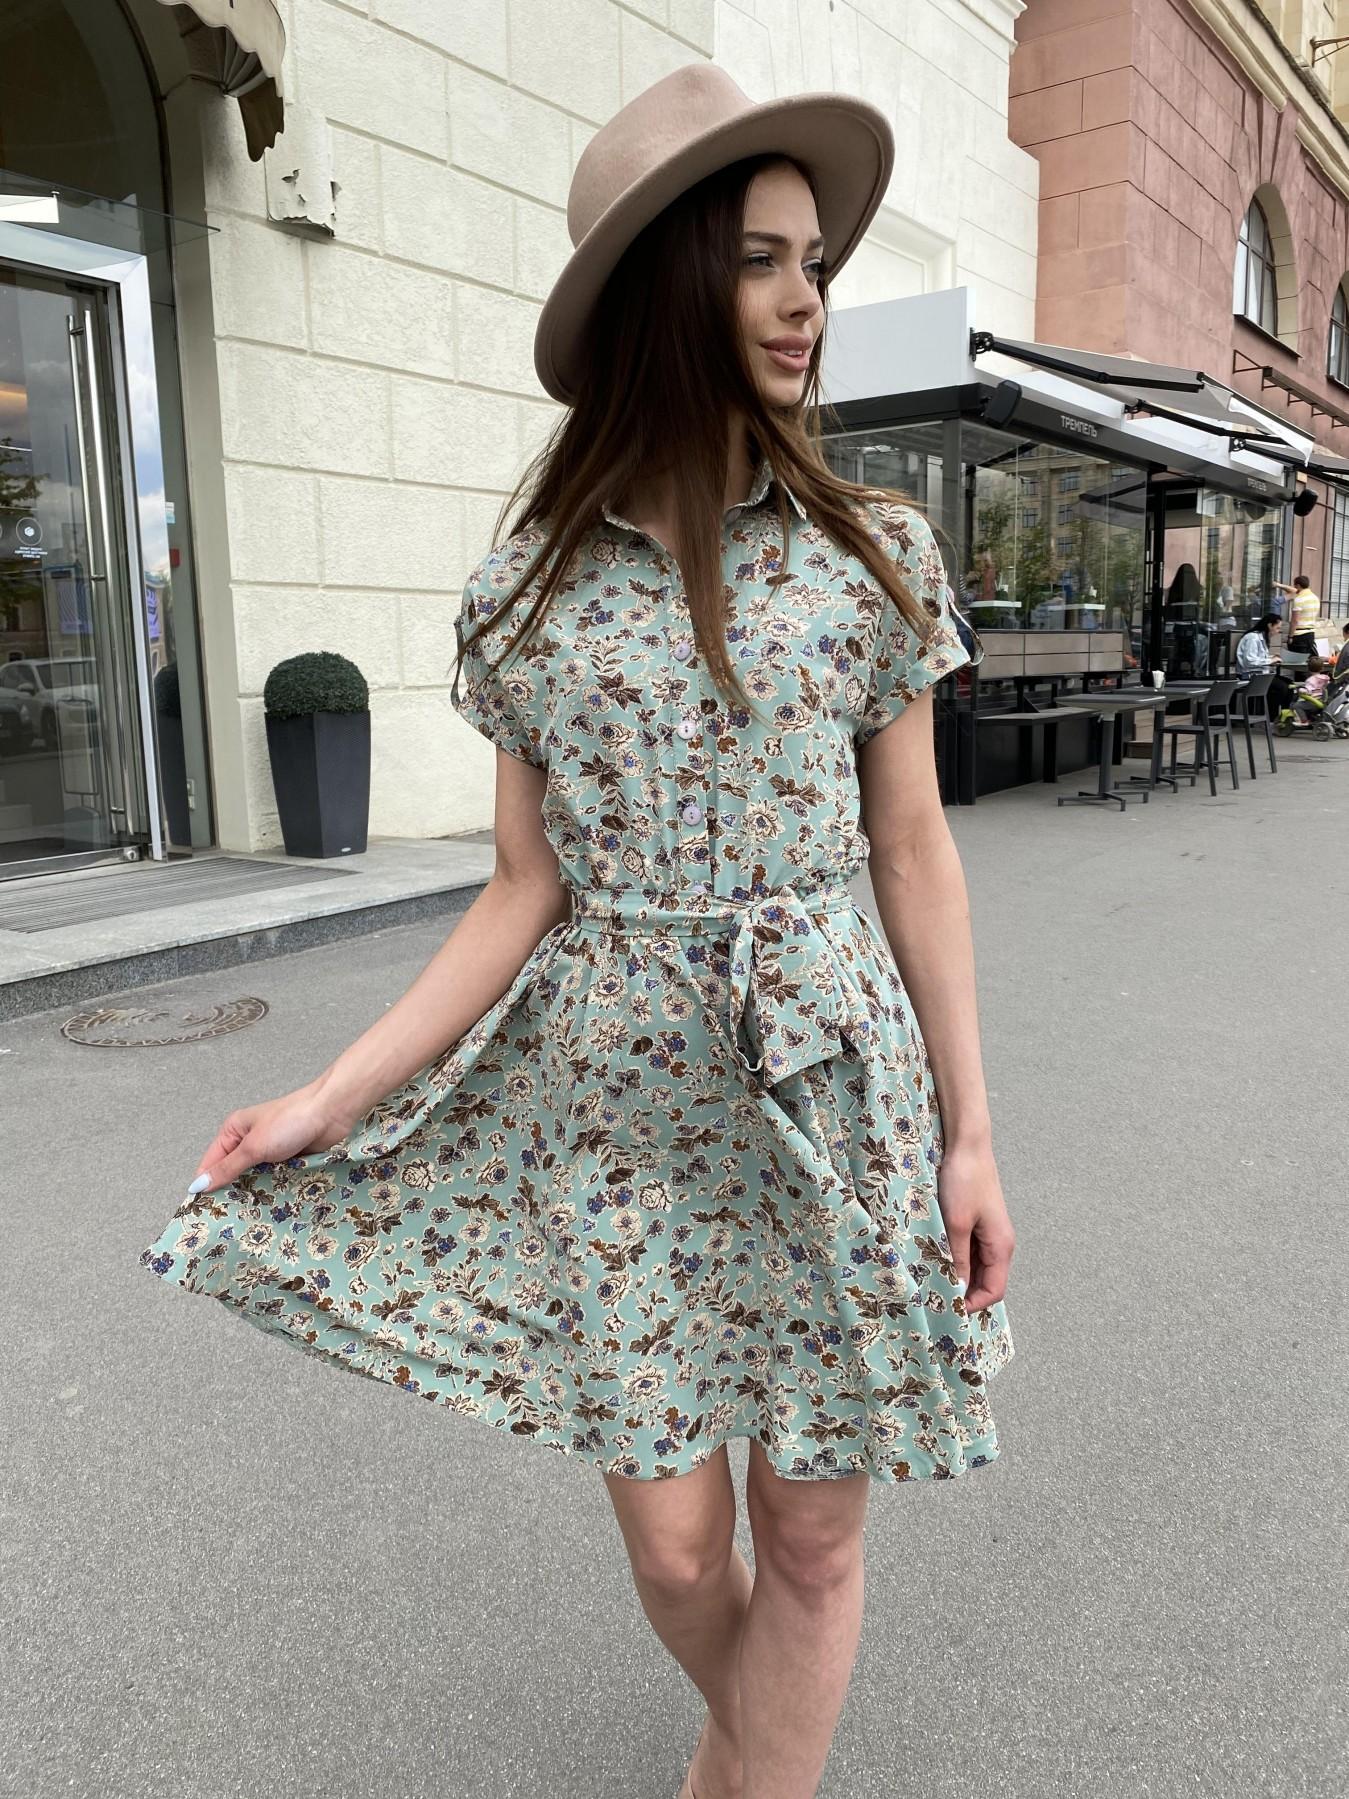 Санжар платье из ткани софт в принт 11215 АРТ. 47727 Цвет: Олива/бежевый, Цветы - фото 8, интернет магазин tm-modus.ru